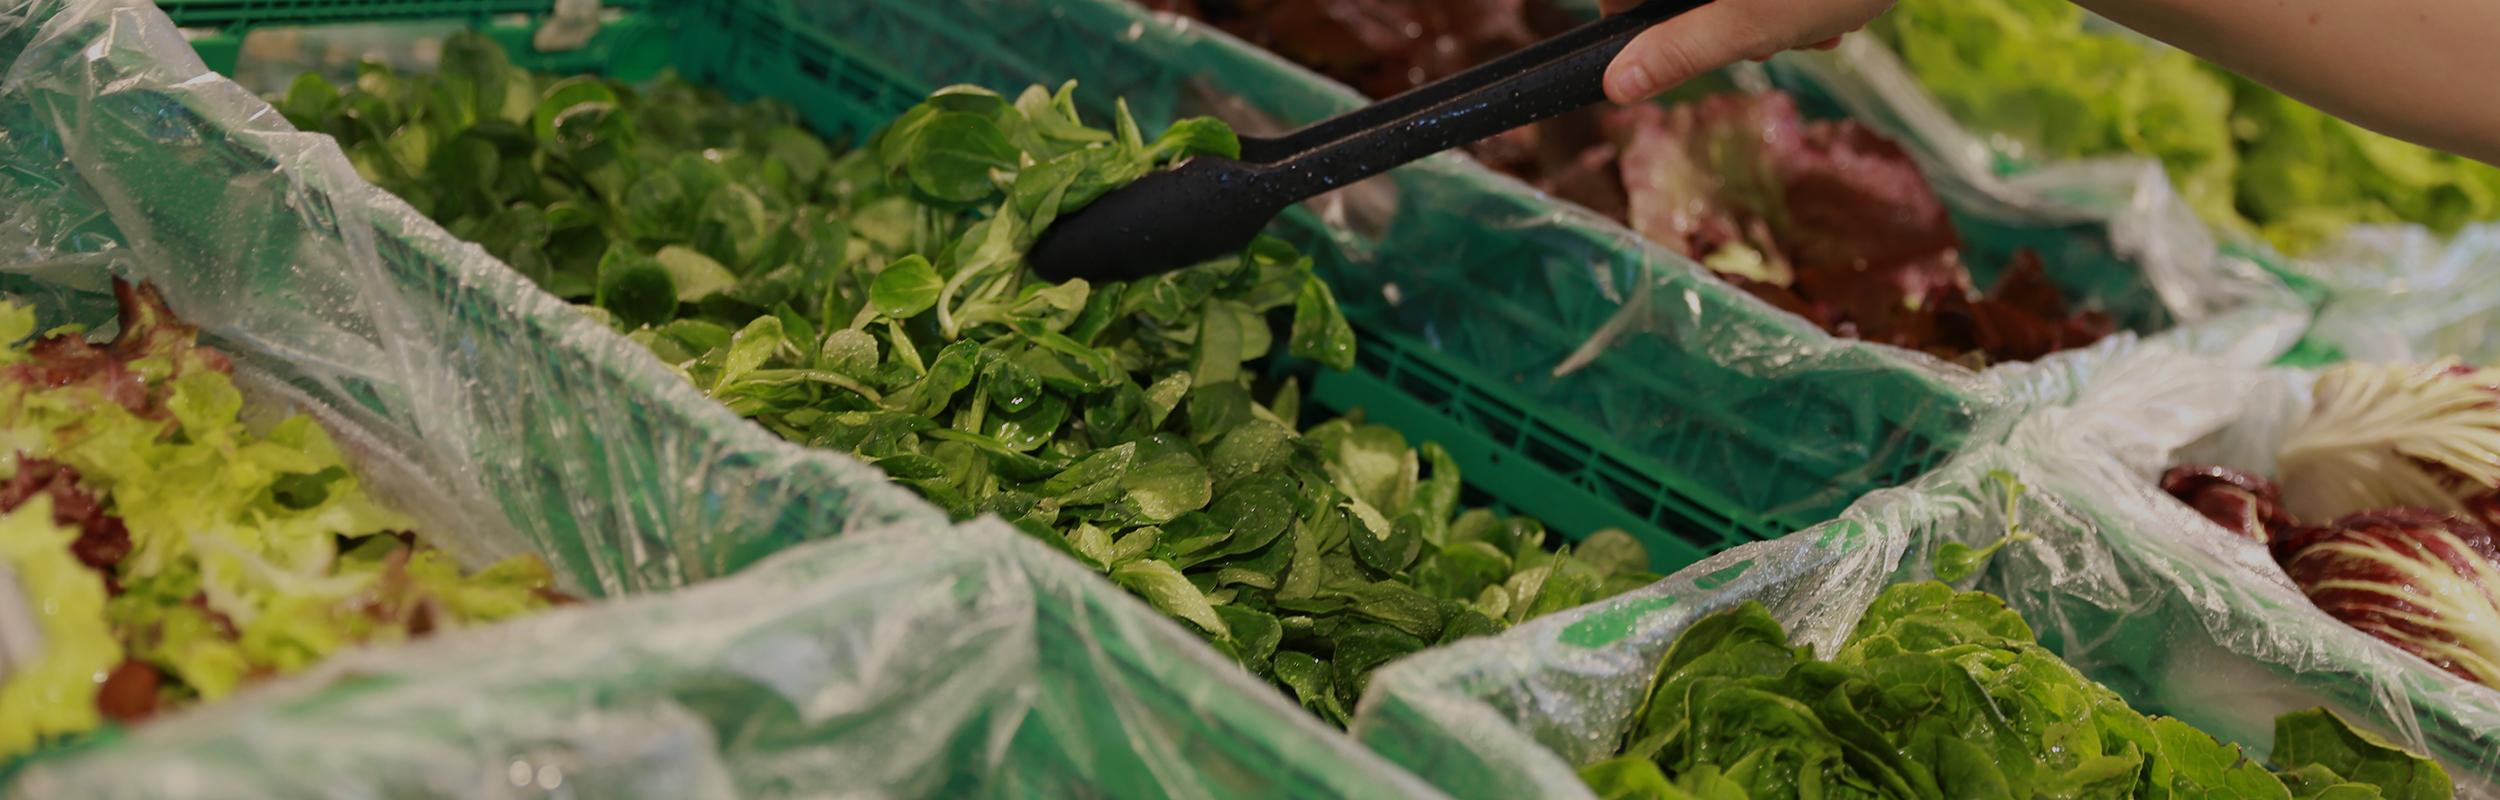 Bio Gemüse und Früchte